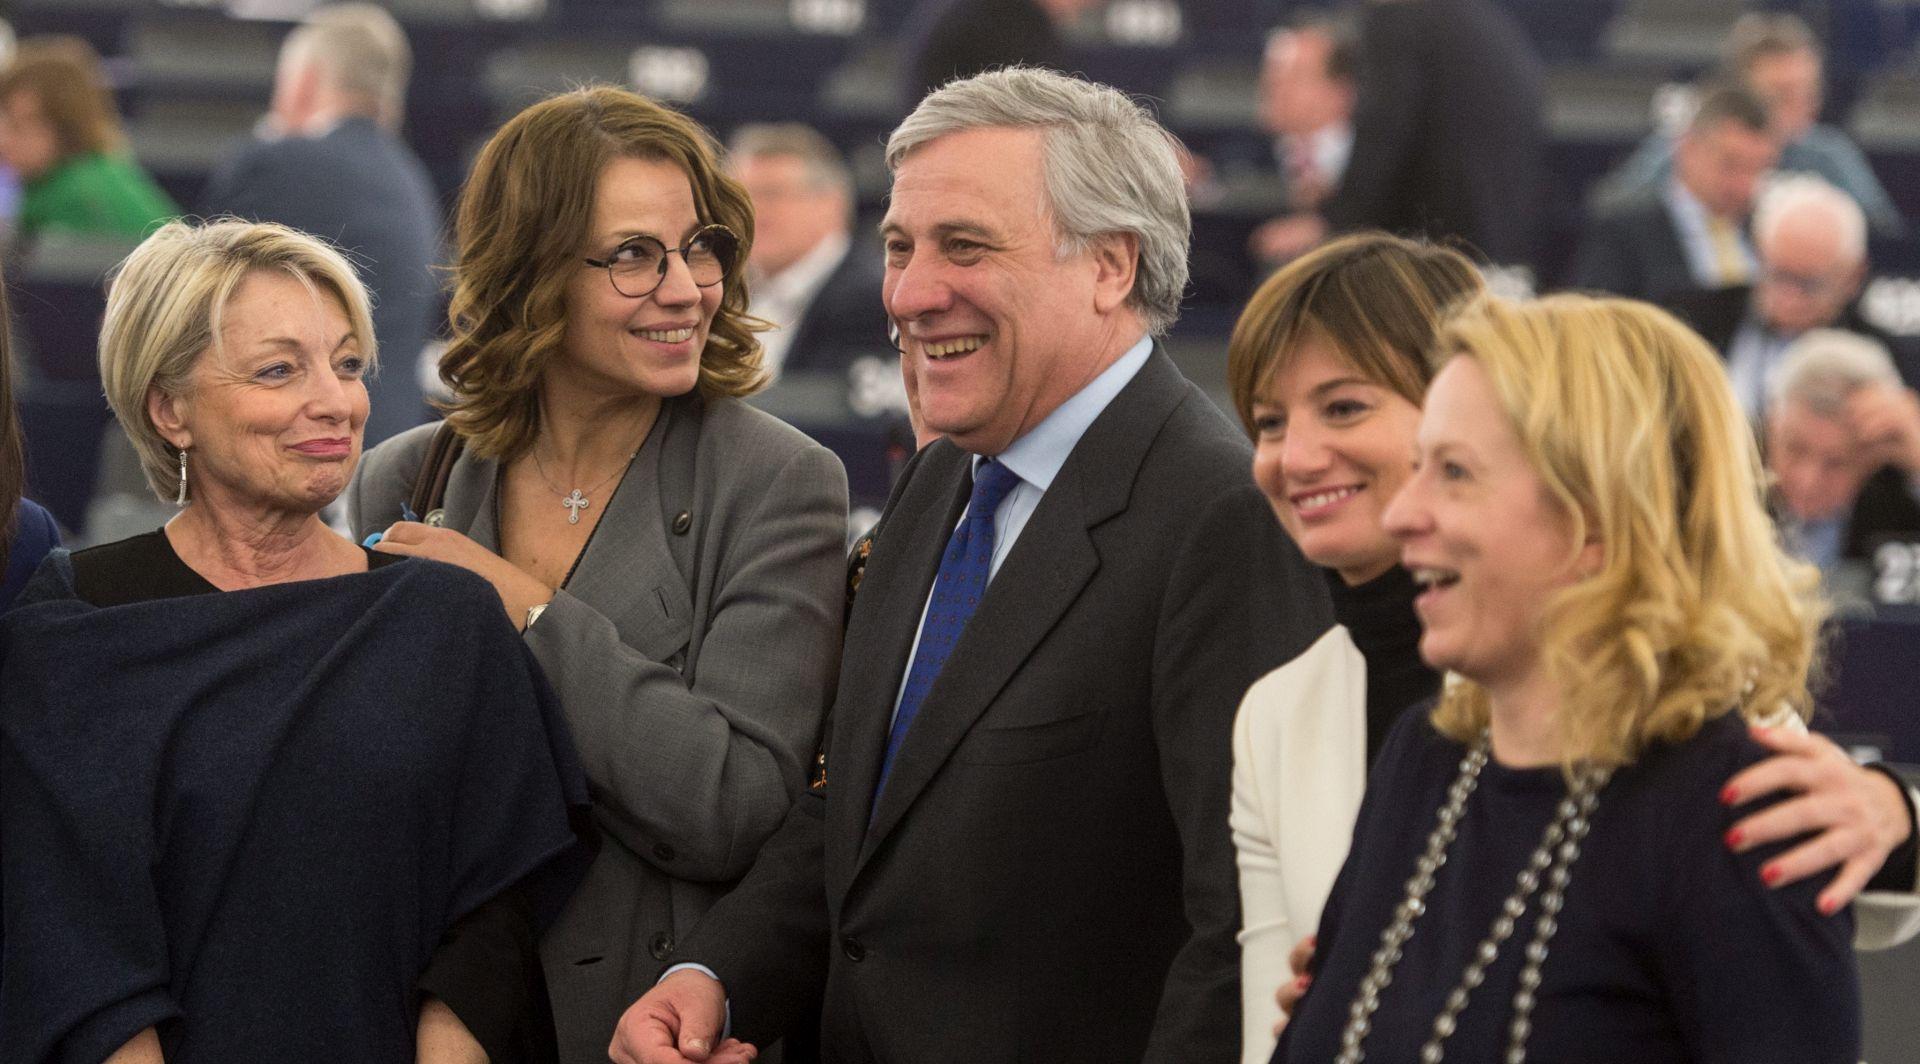 ČETVRTI KRUG GLASOVANJA: Antonio Tajani je novi predsjednik Europskog parlamenta